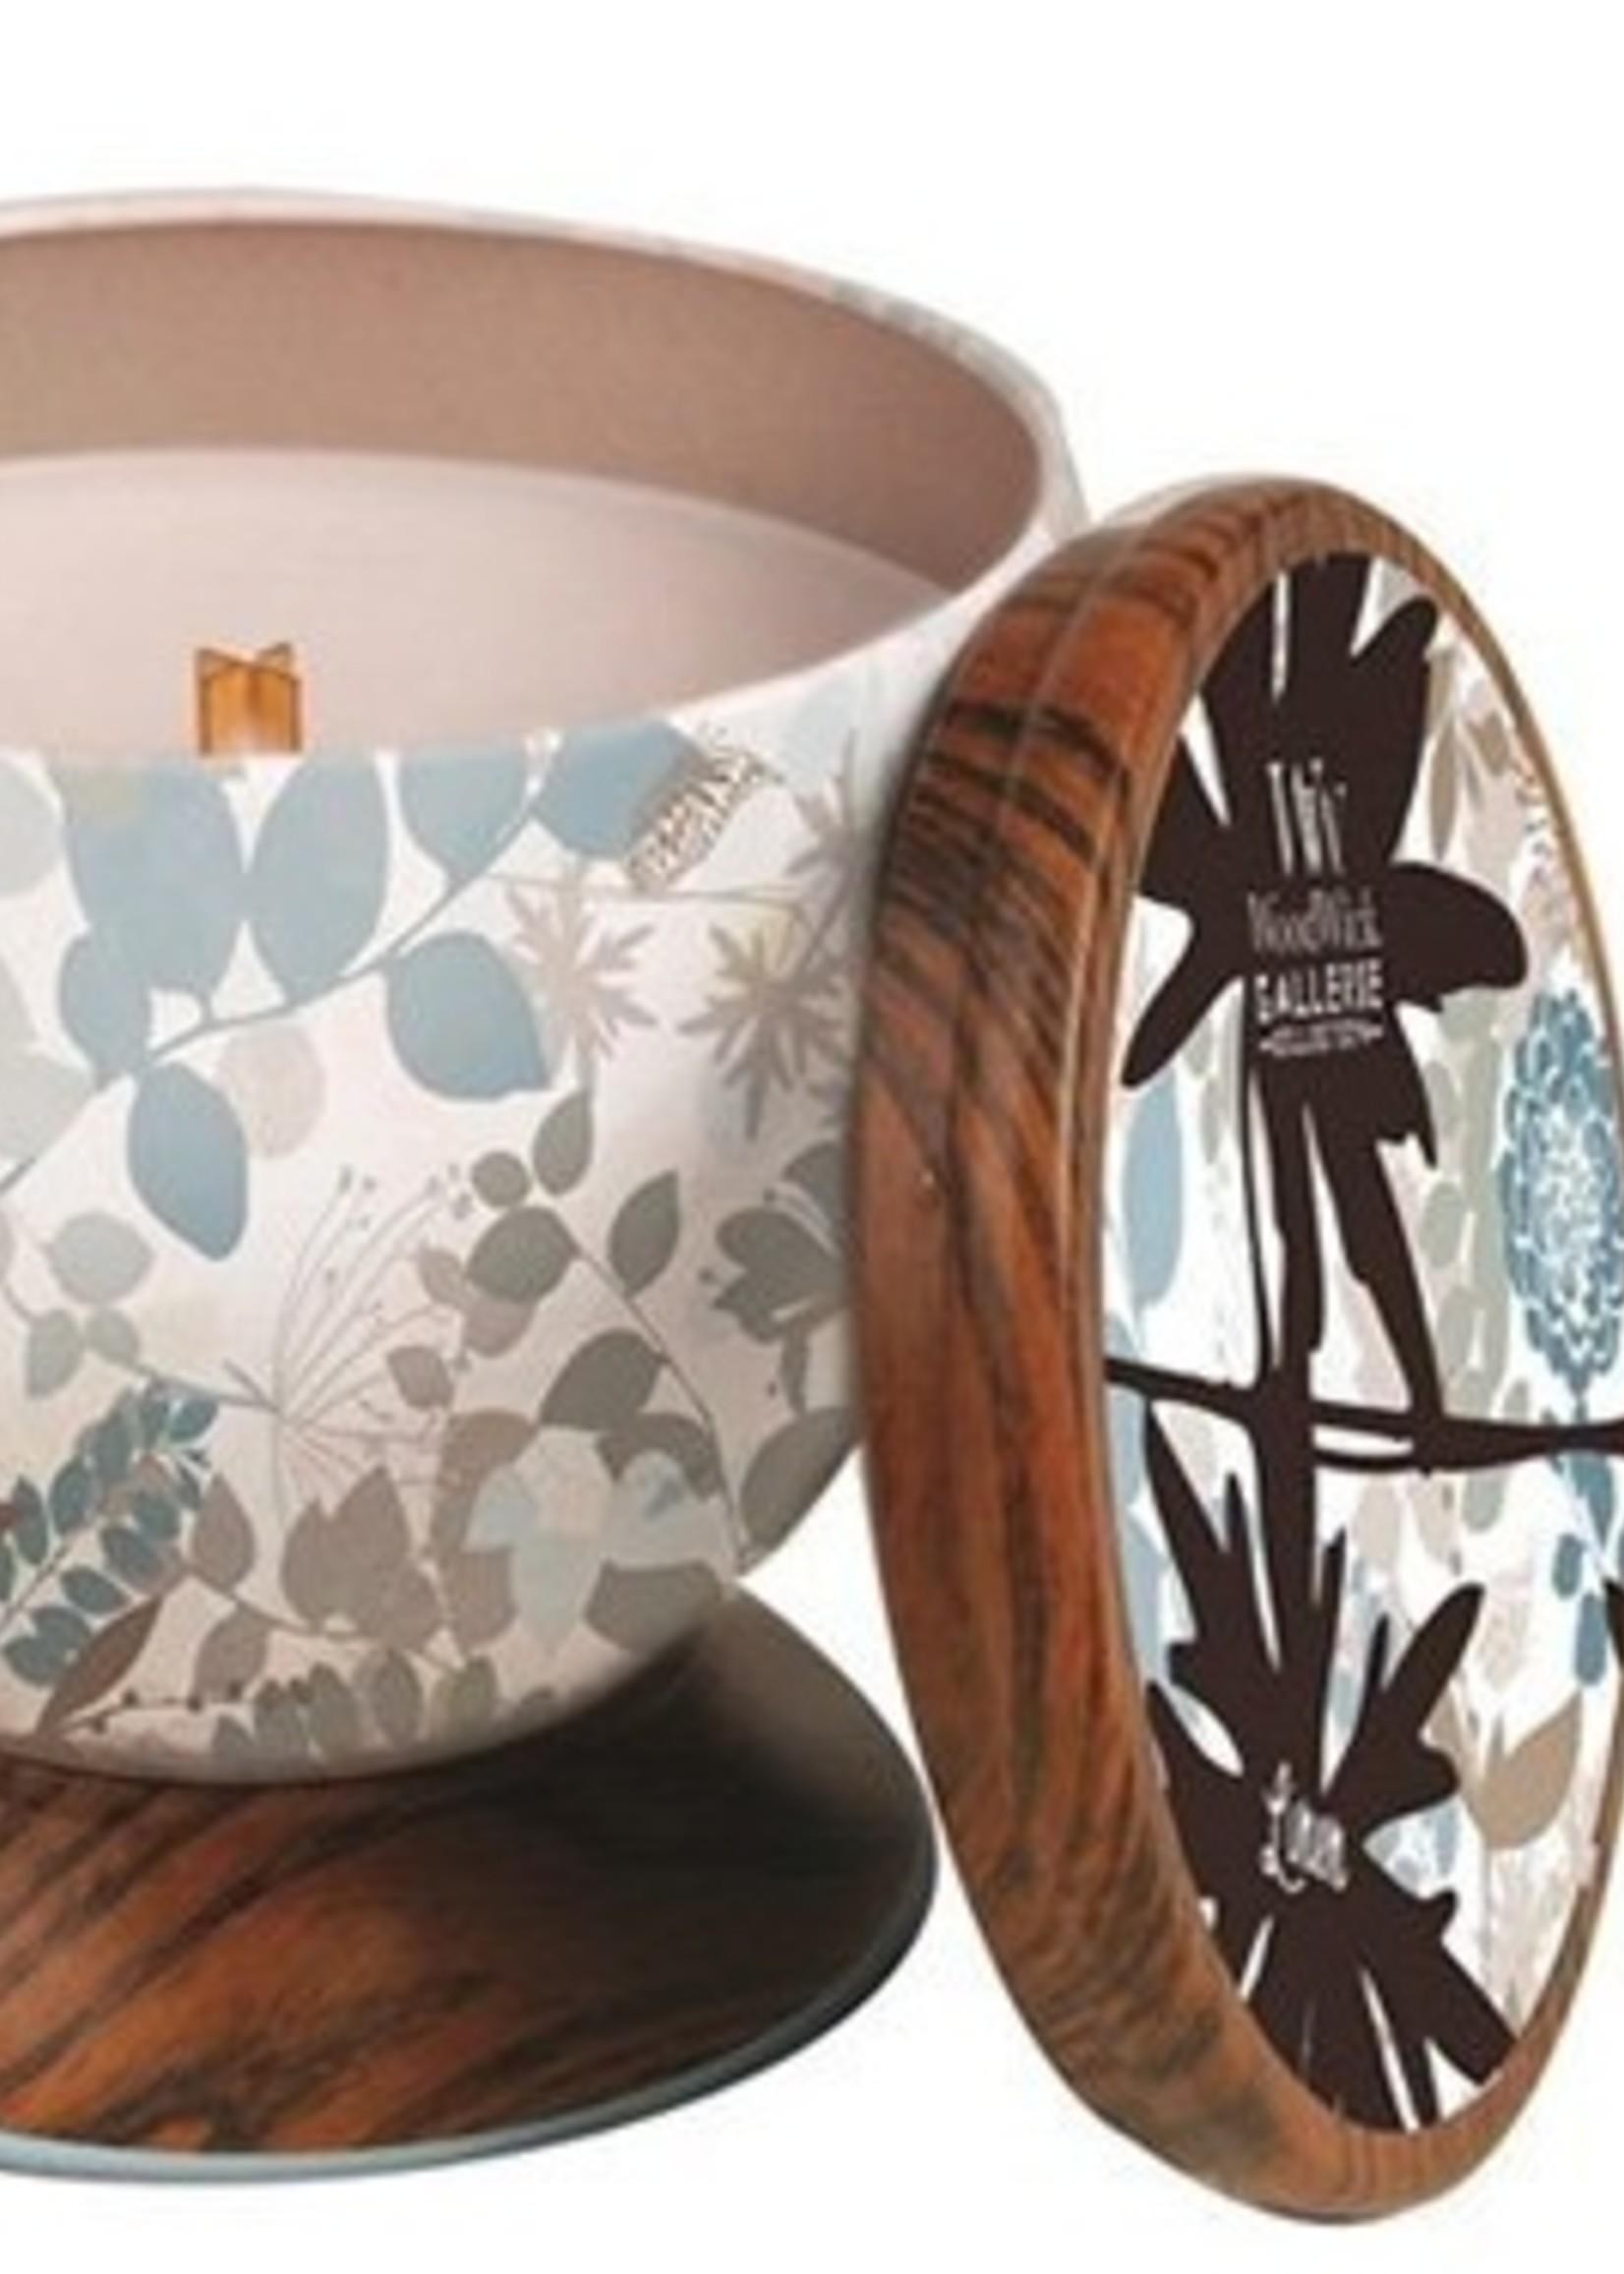 Virginia Gift Brands Woodwick Gallerie Tin Linen